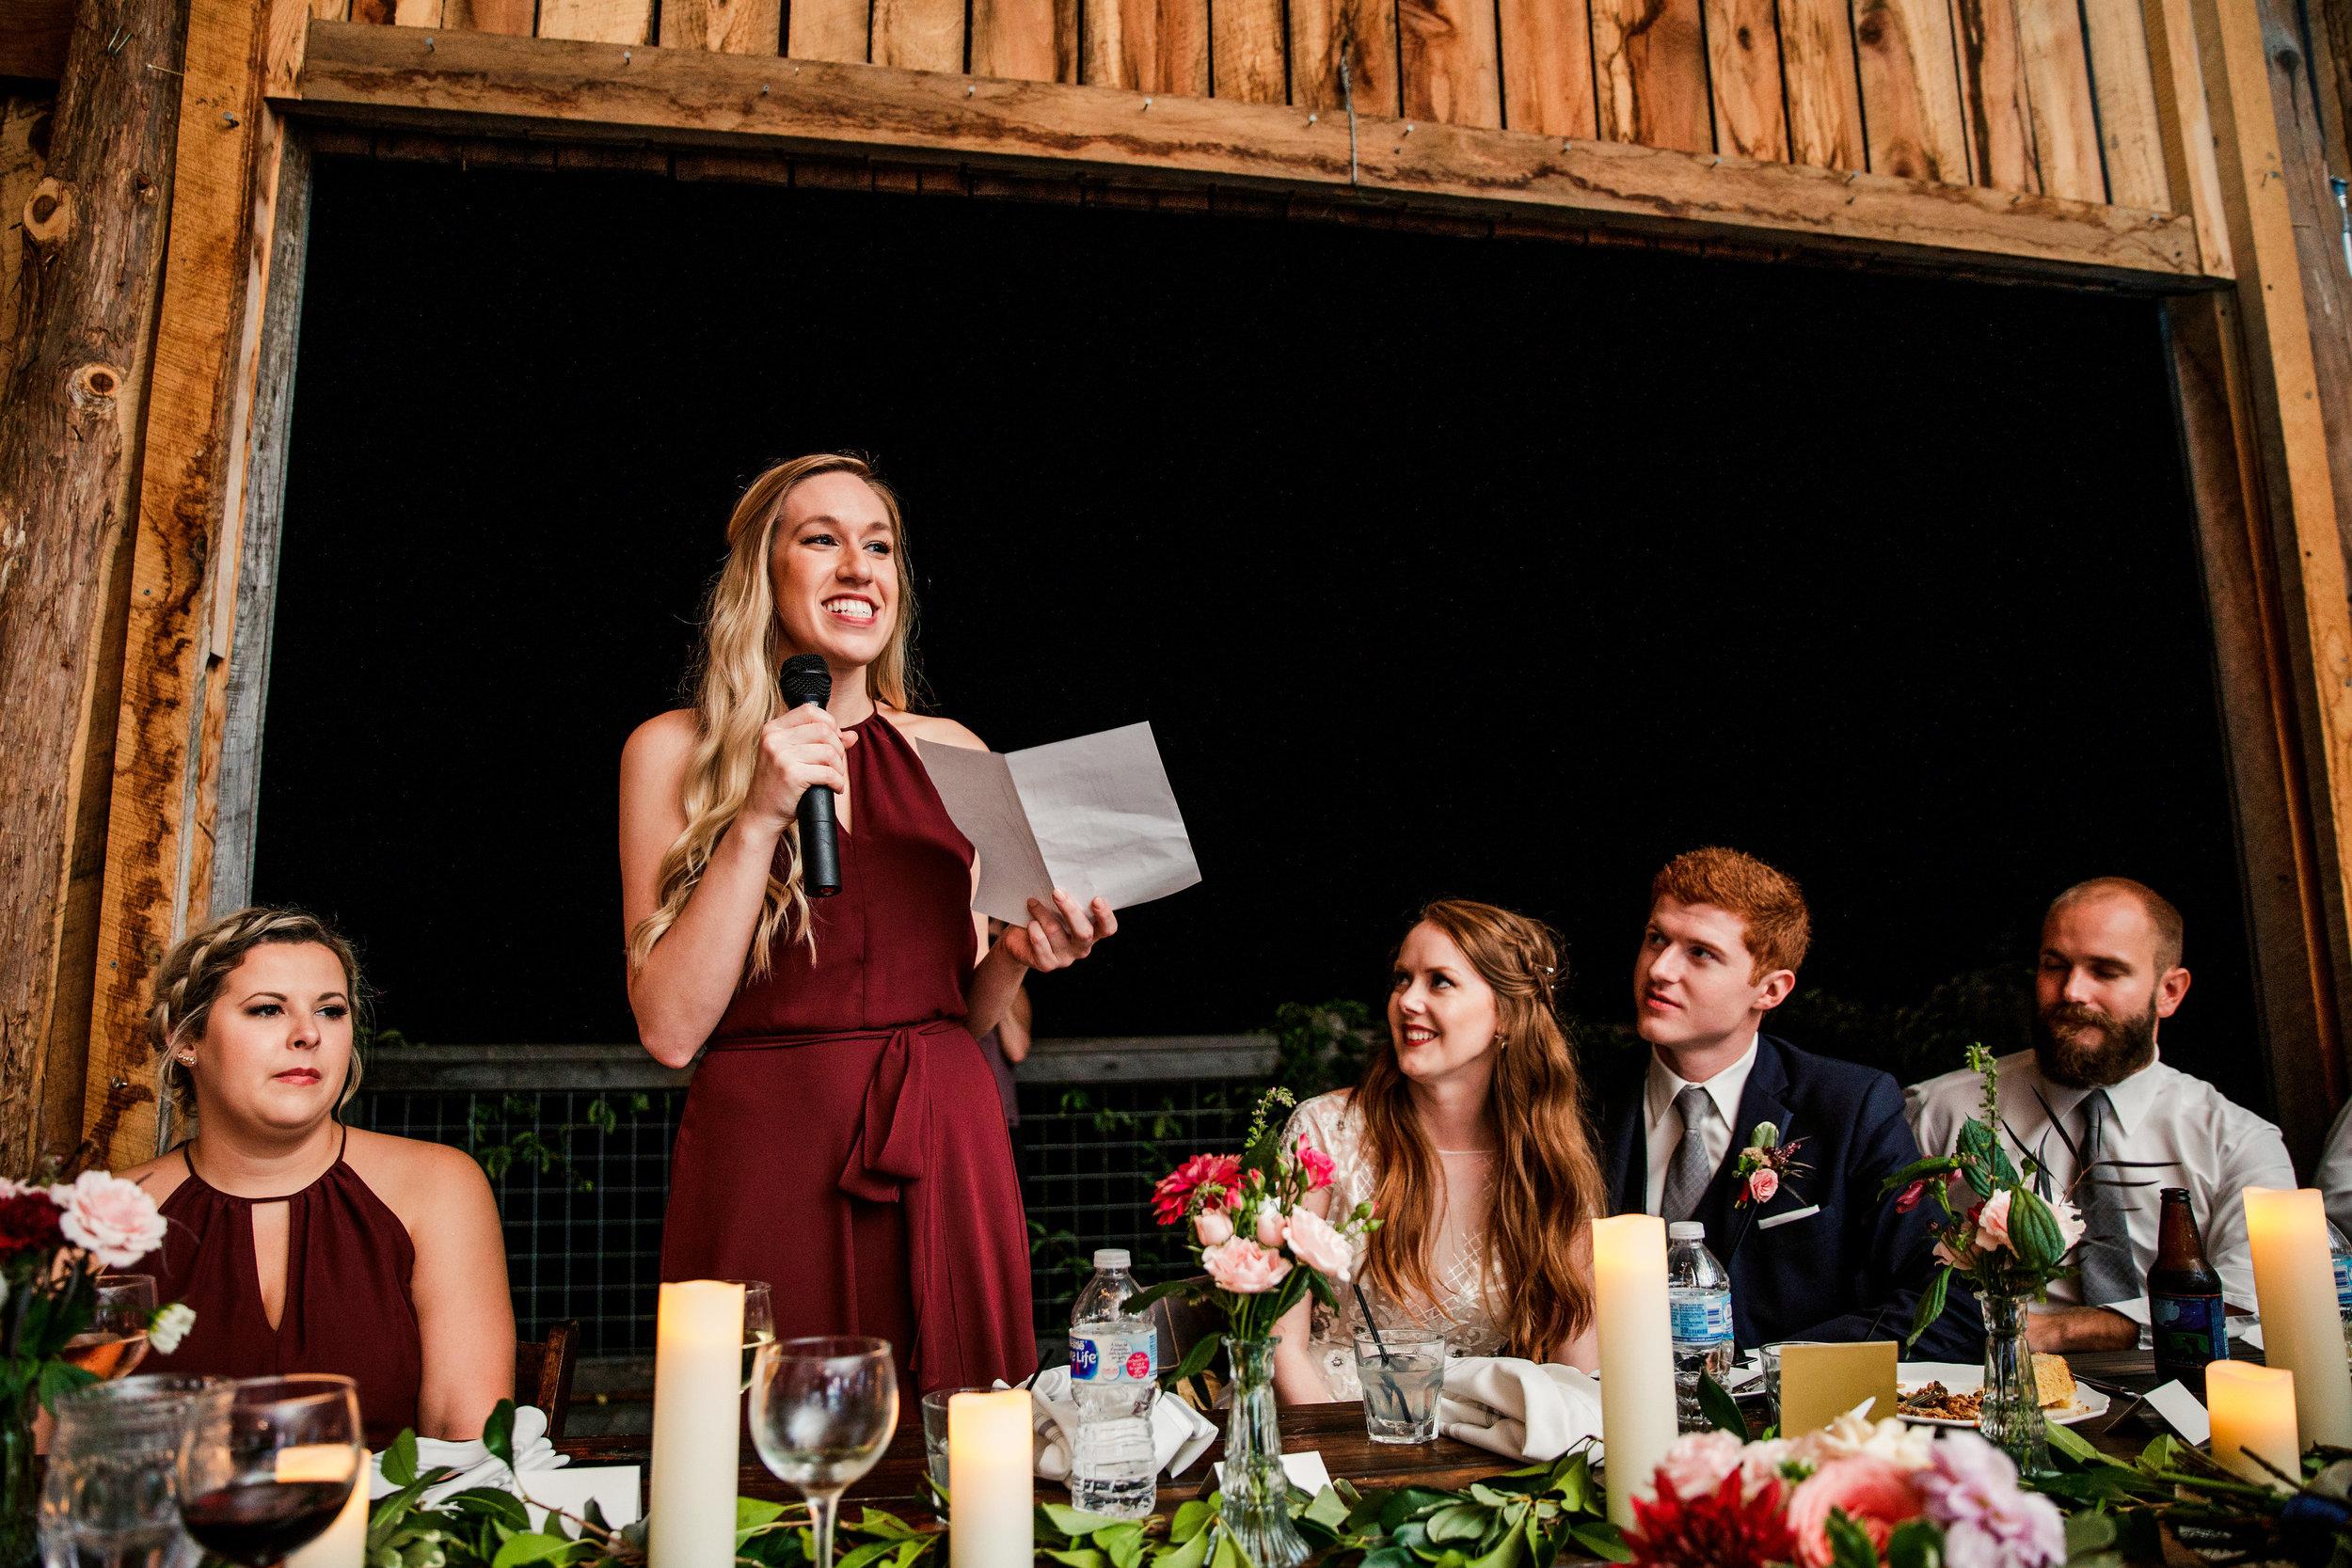 Wrens-Nest-Wedding-Murfreesboro-TN 44.jpg